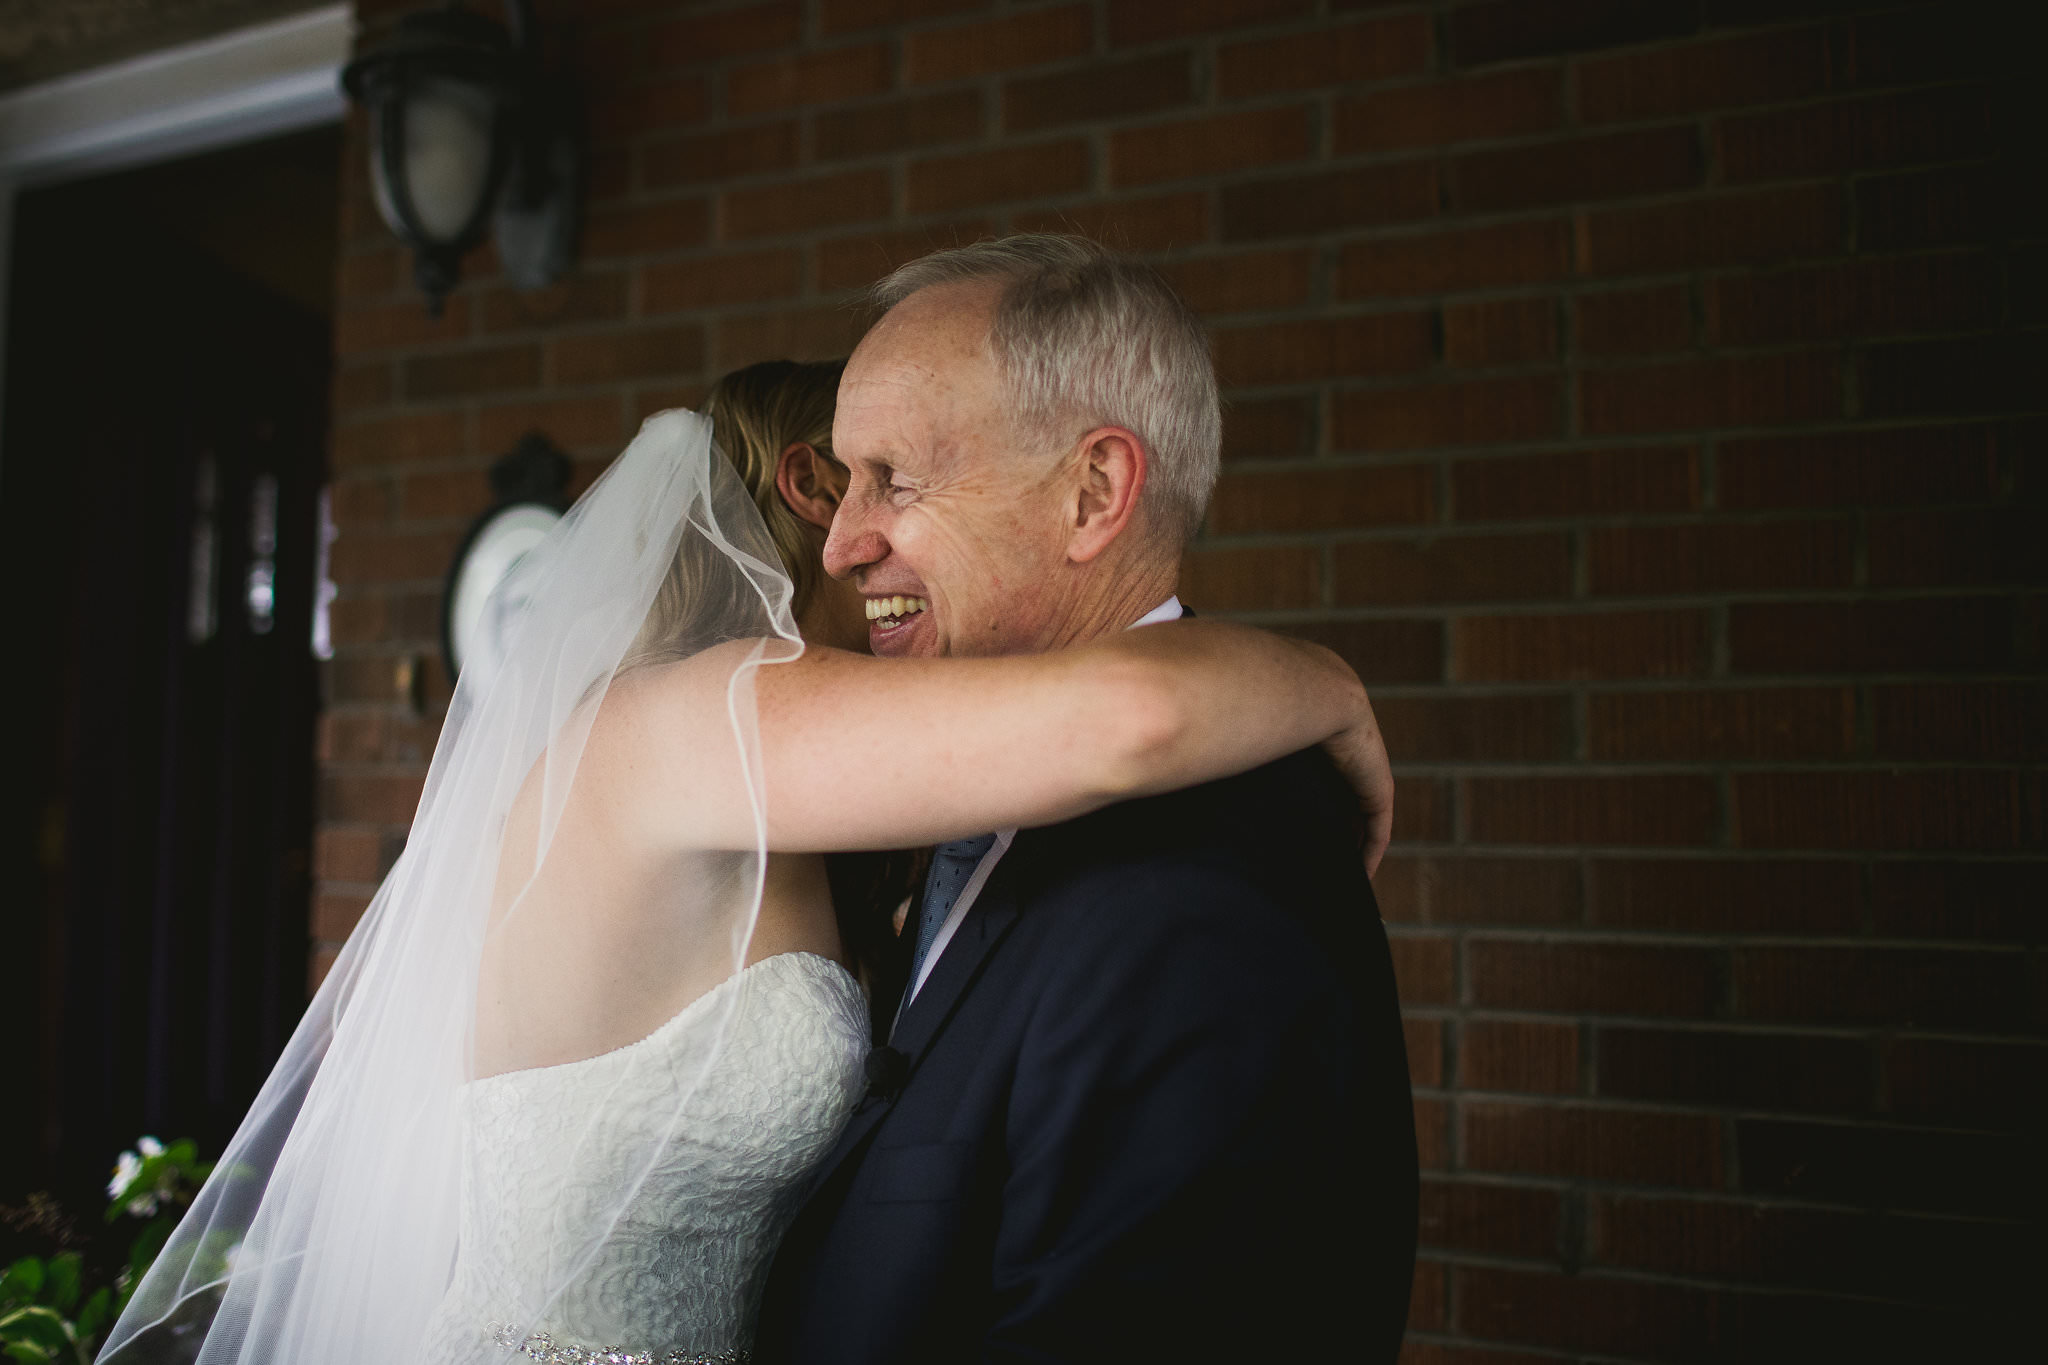 whistlebearweddingphotos 108 - Whistle Bear Wedding Photos